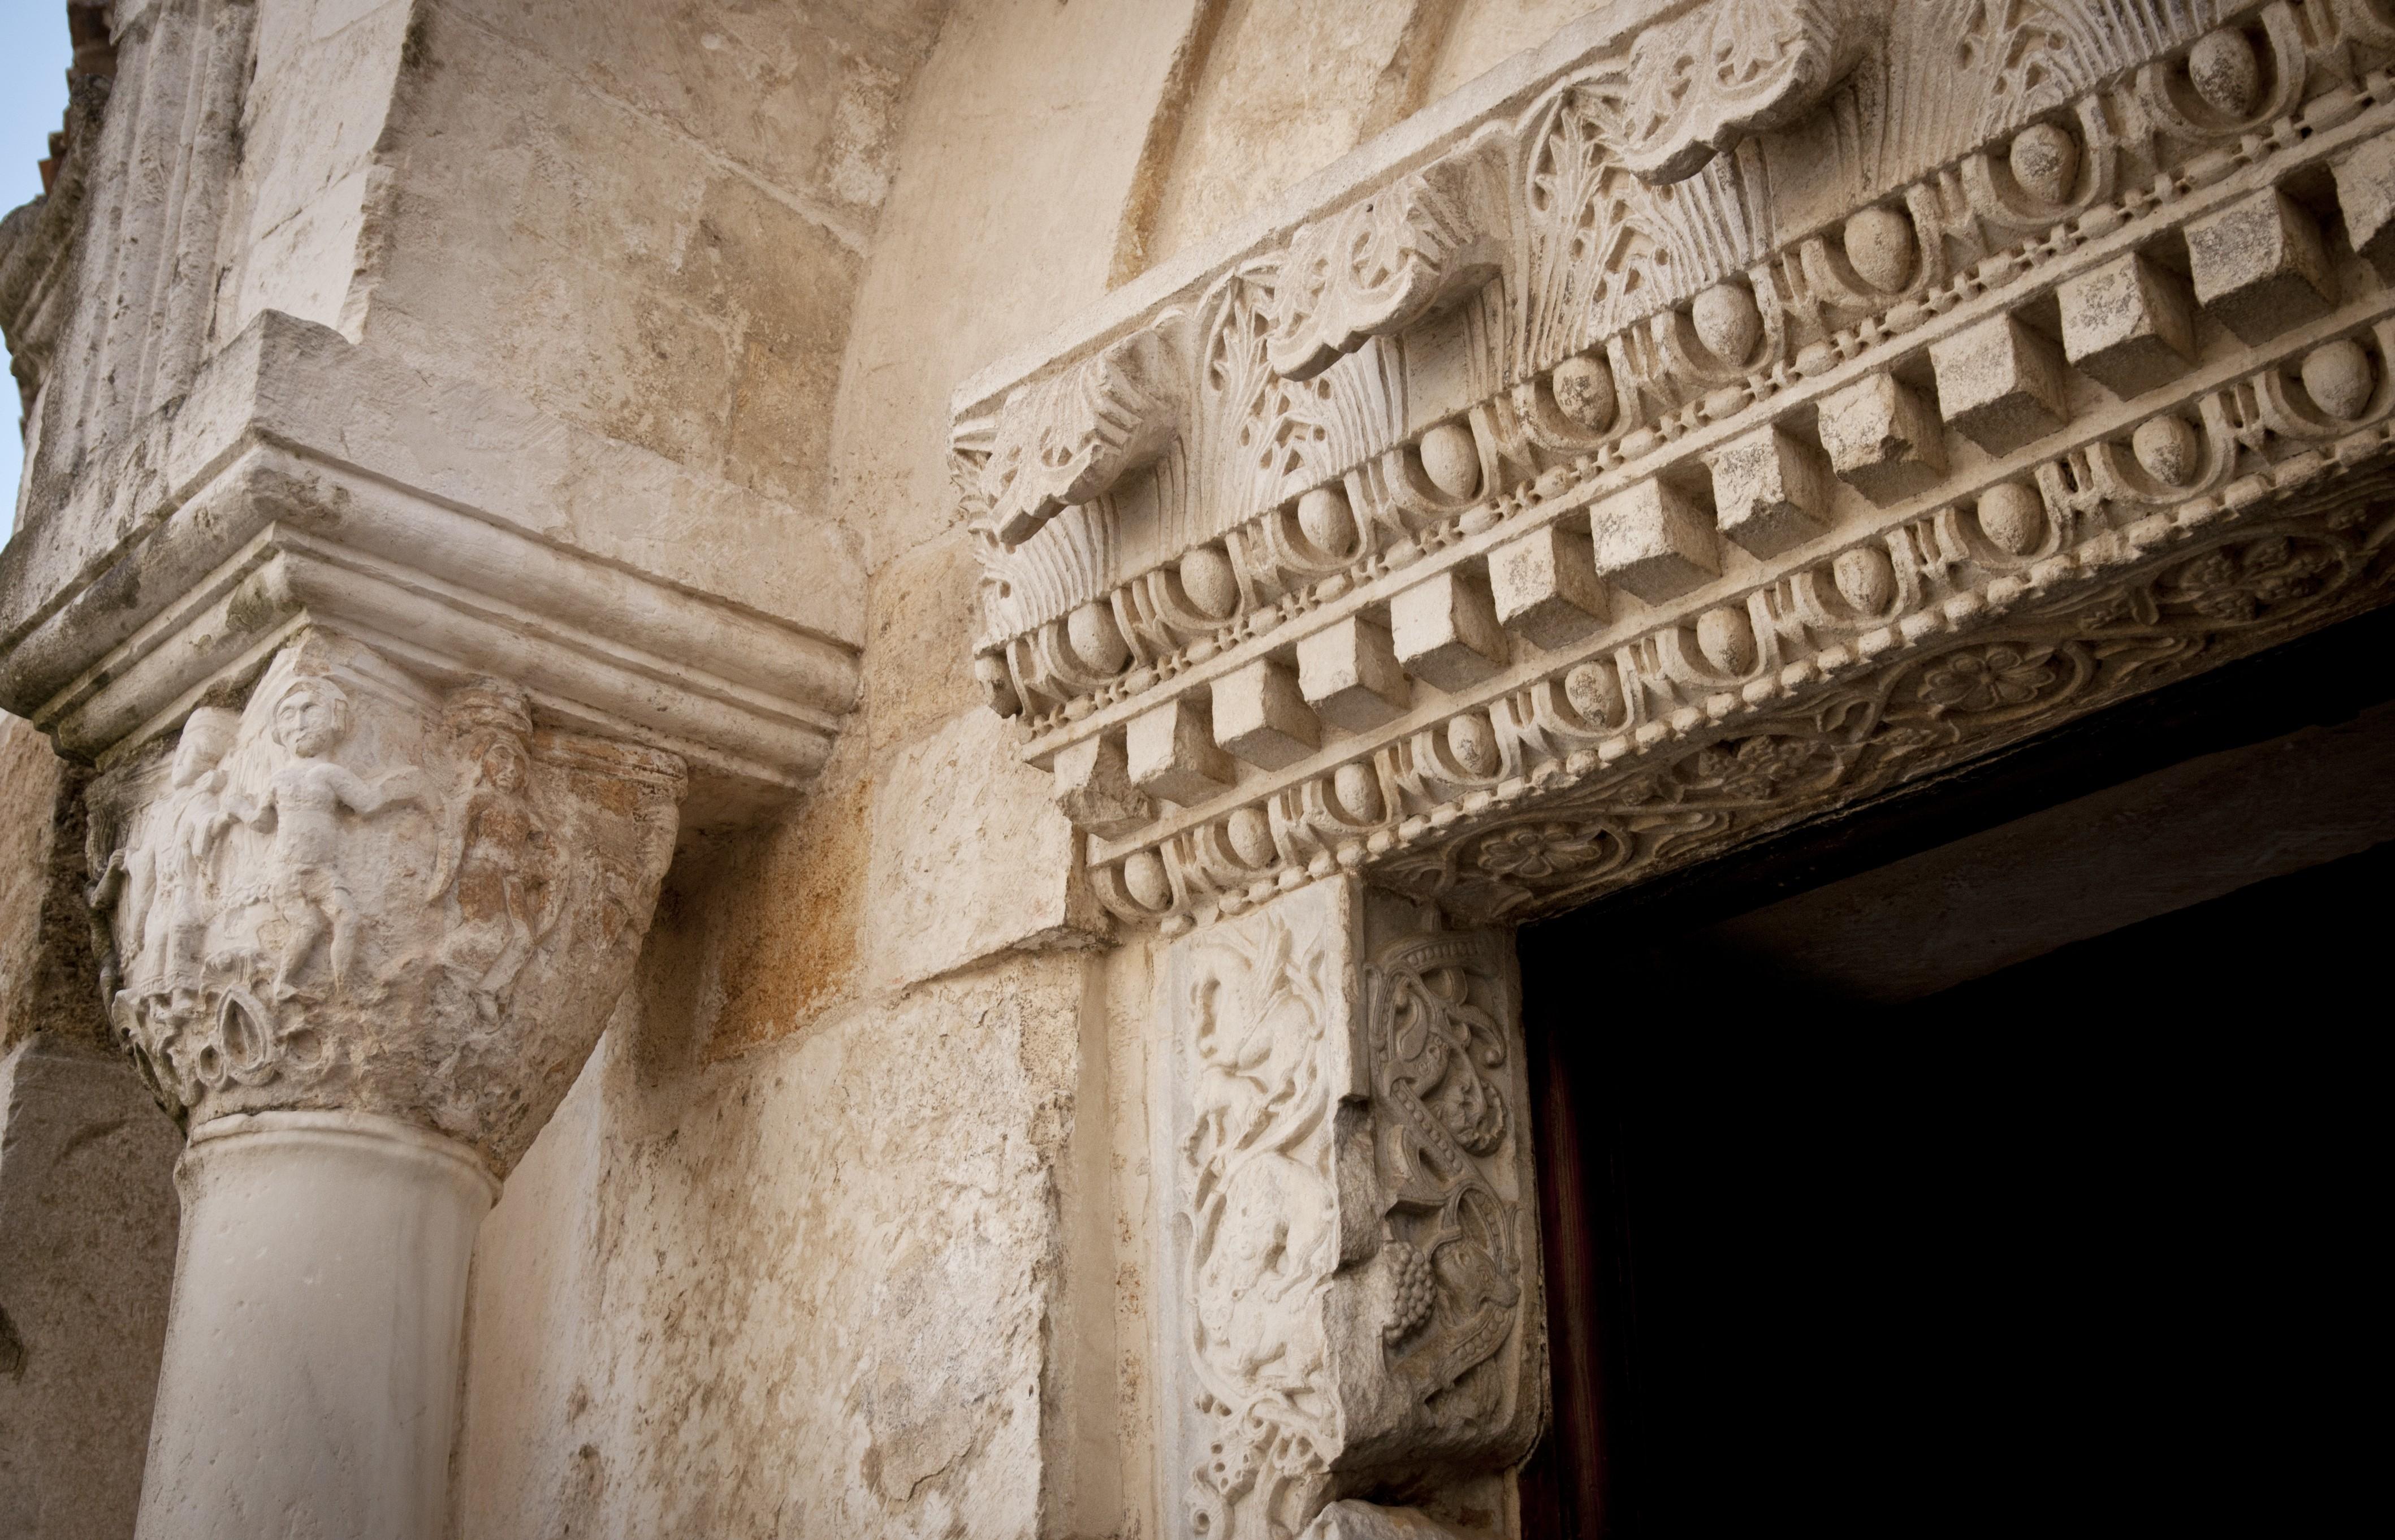 Tempietto San Giovanni al Sepolcro